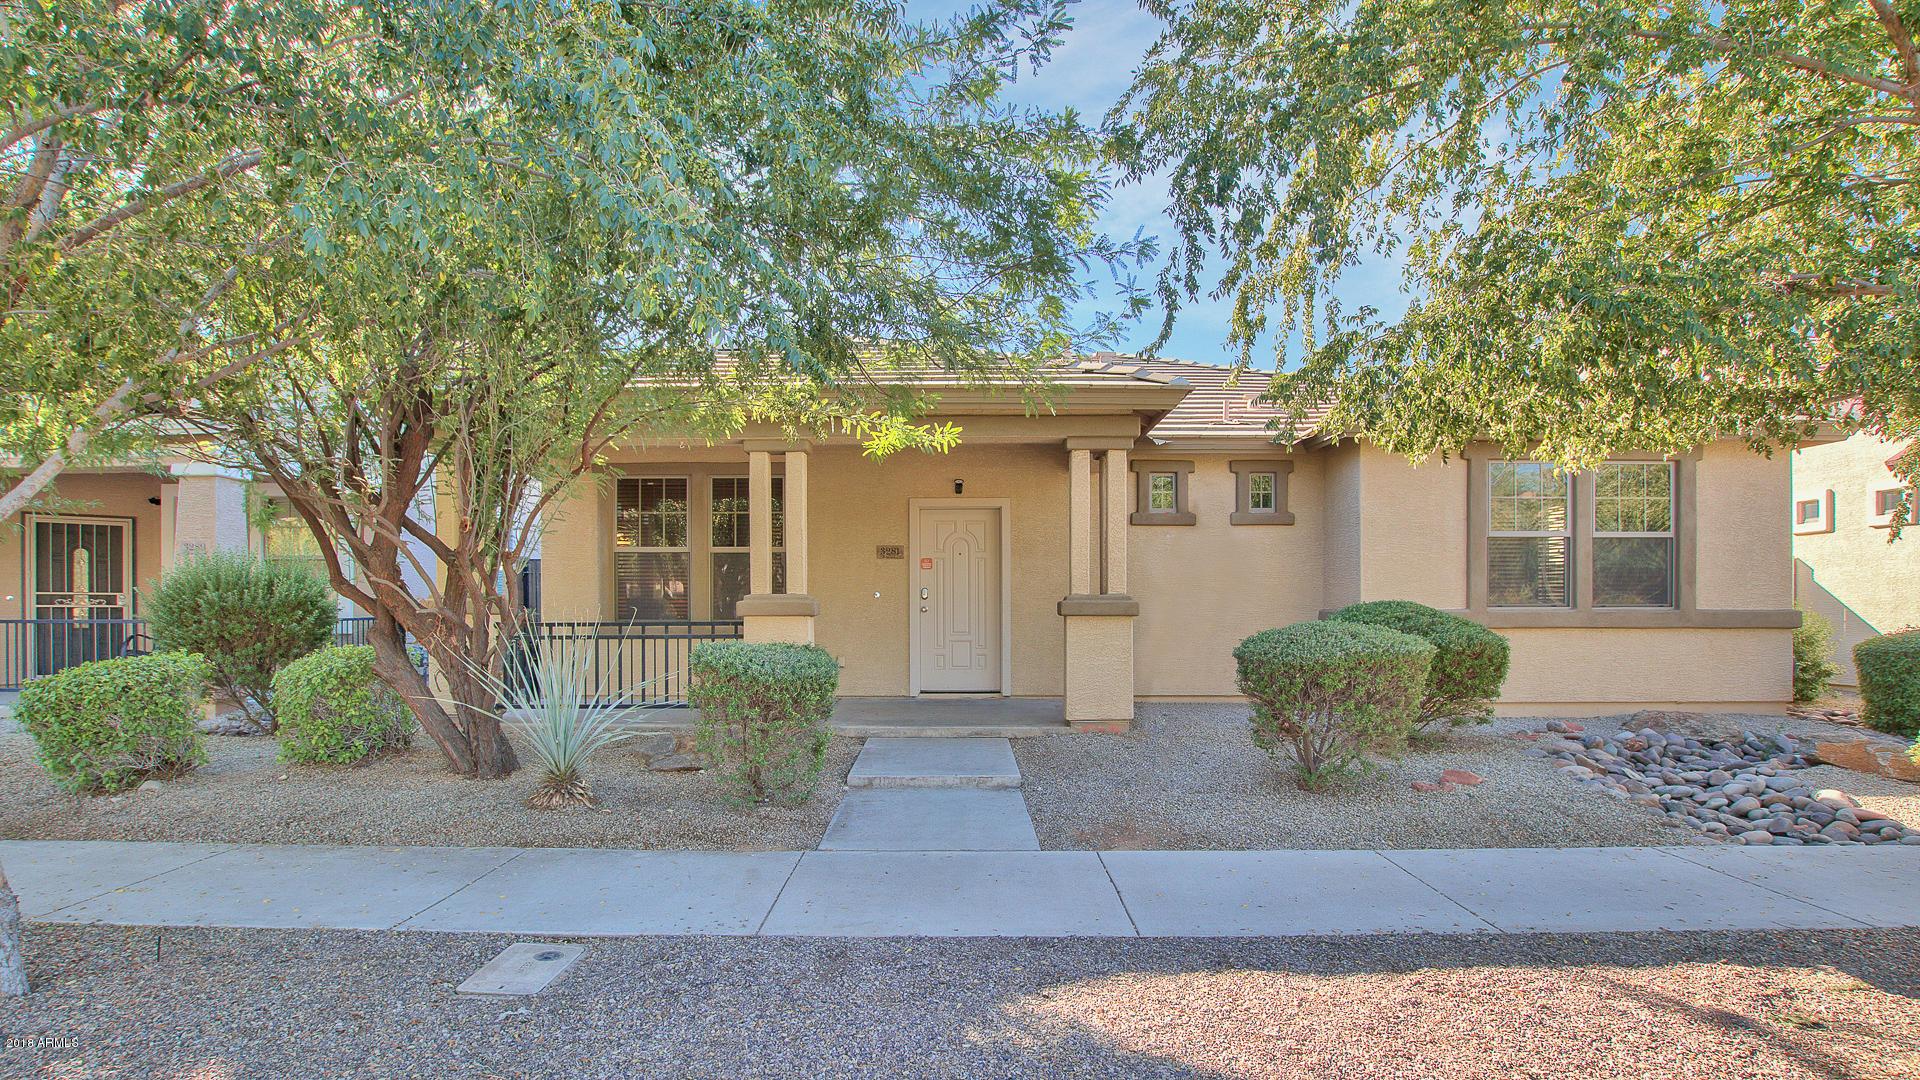 Photo of 3281 E IVANHOE Street, Gilbert, AZ 85295